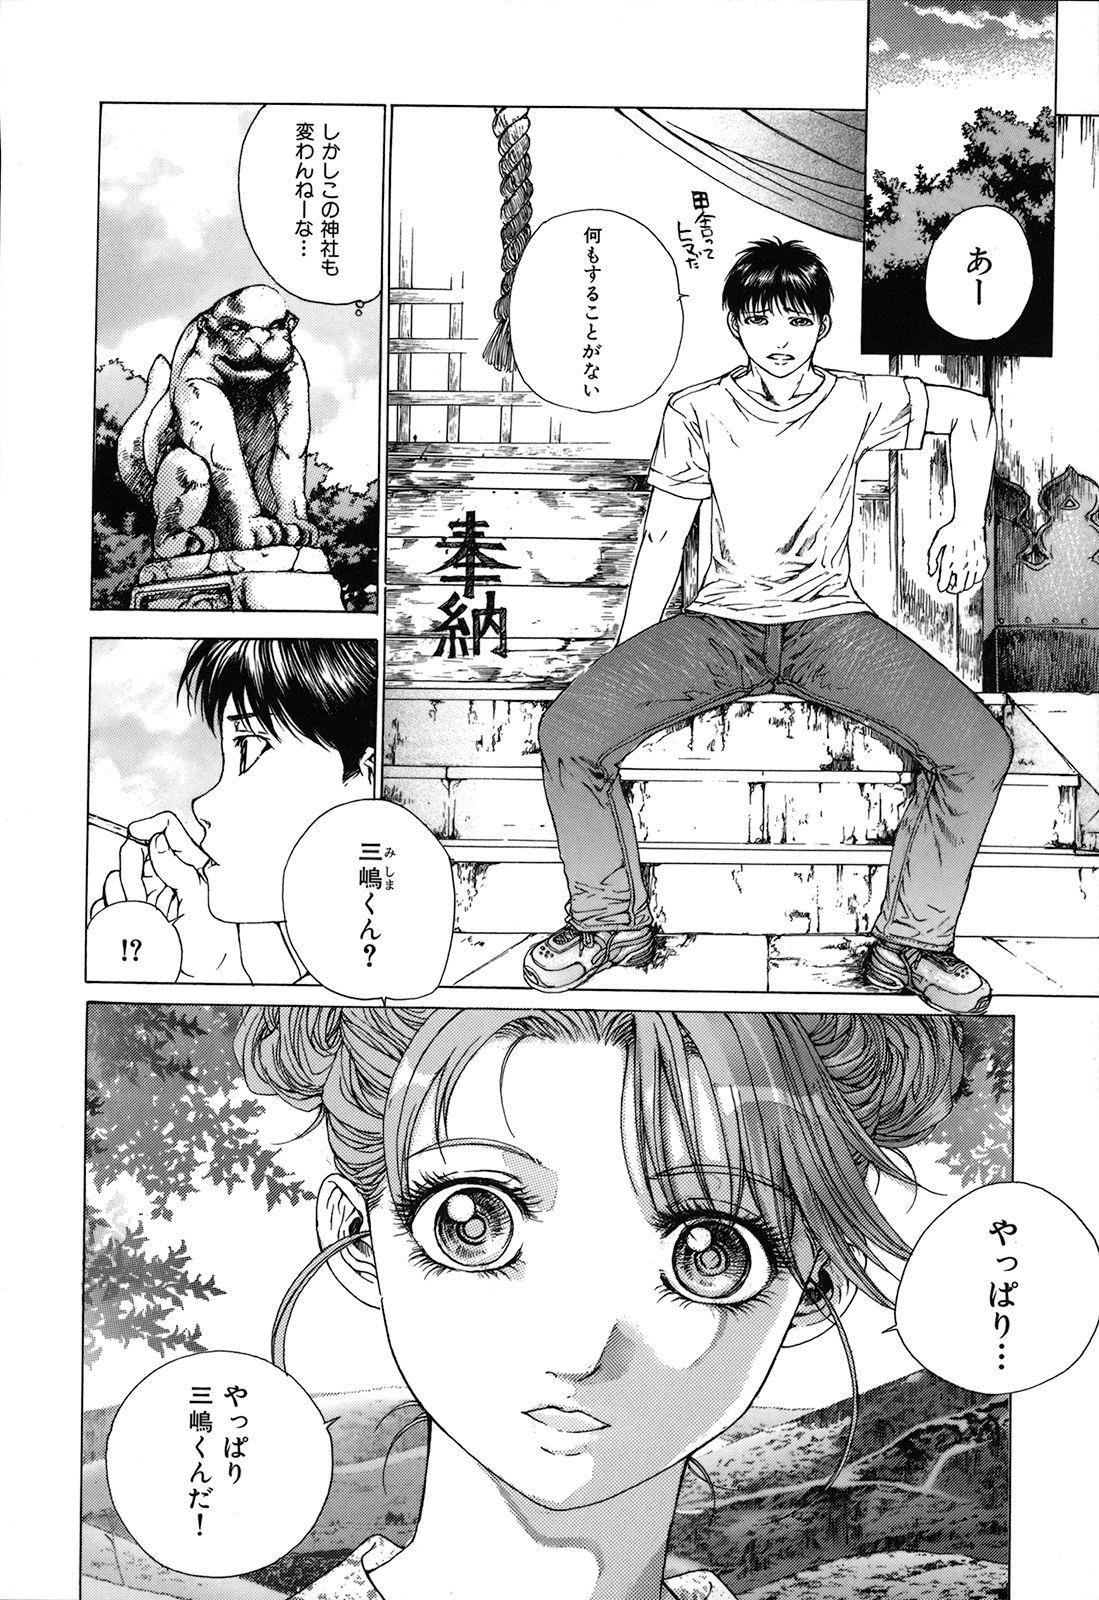 Kou Musume 51